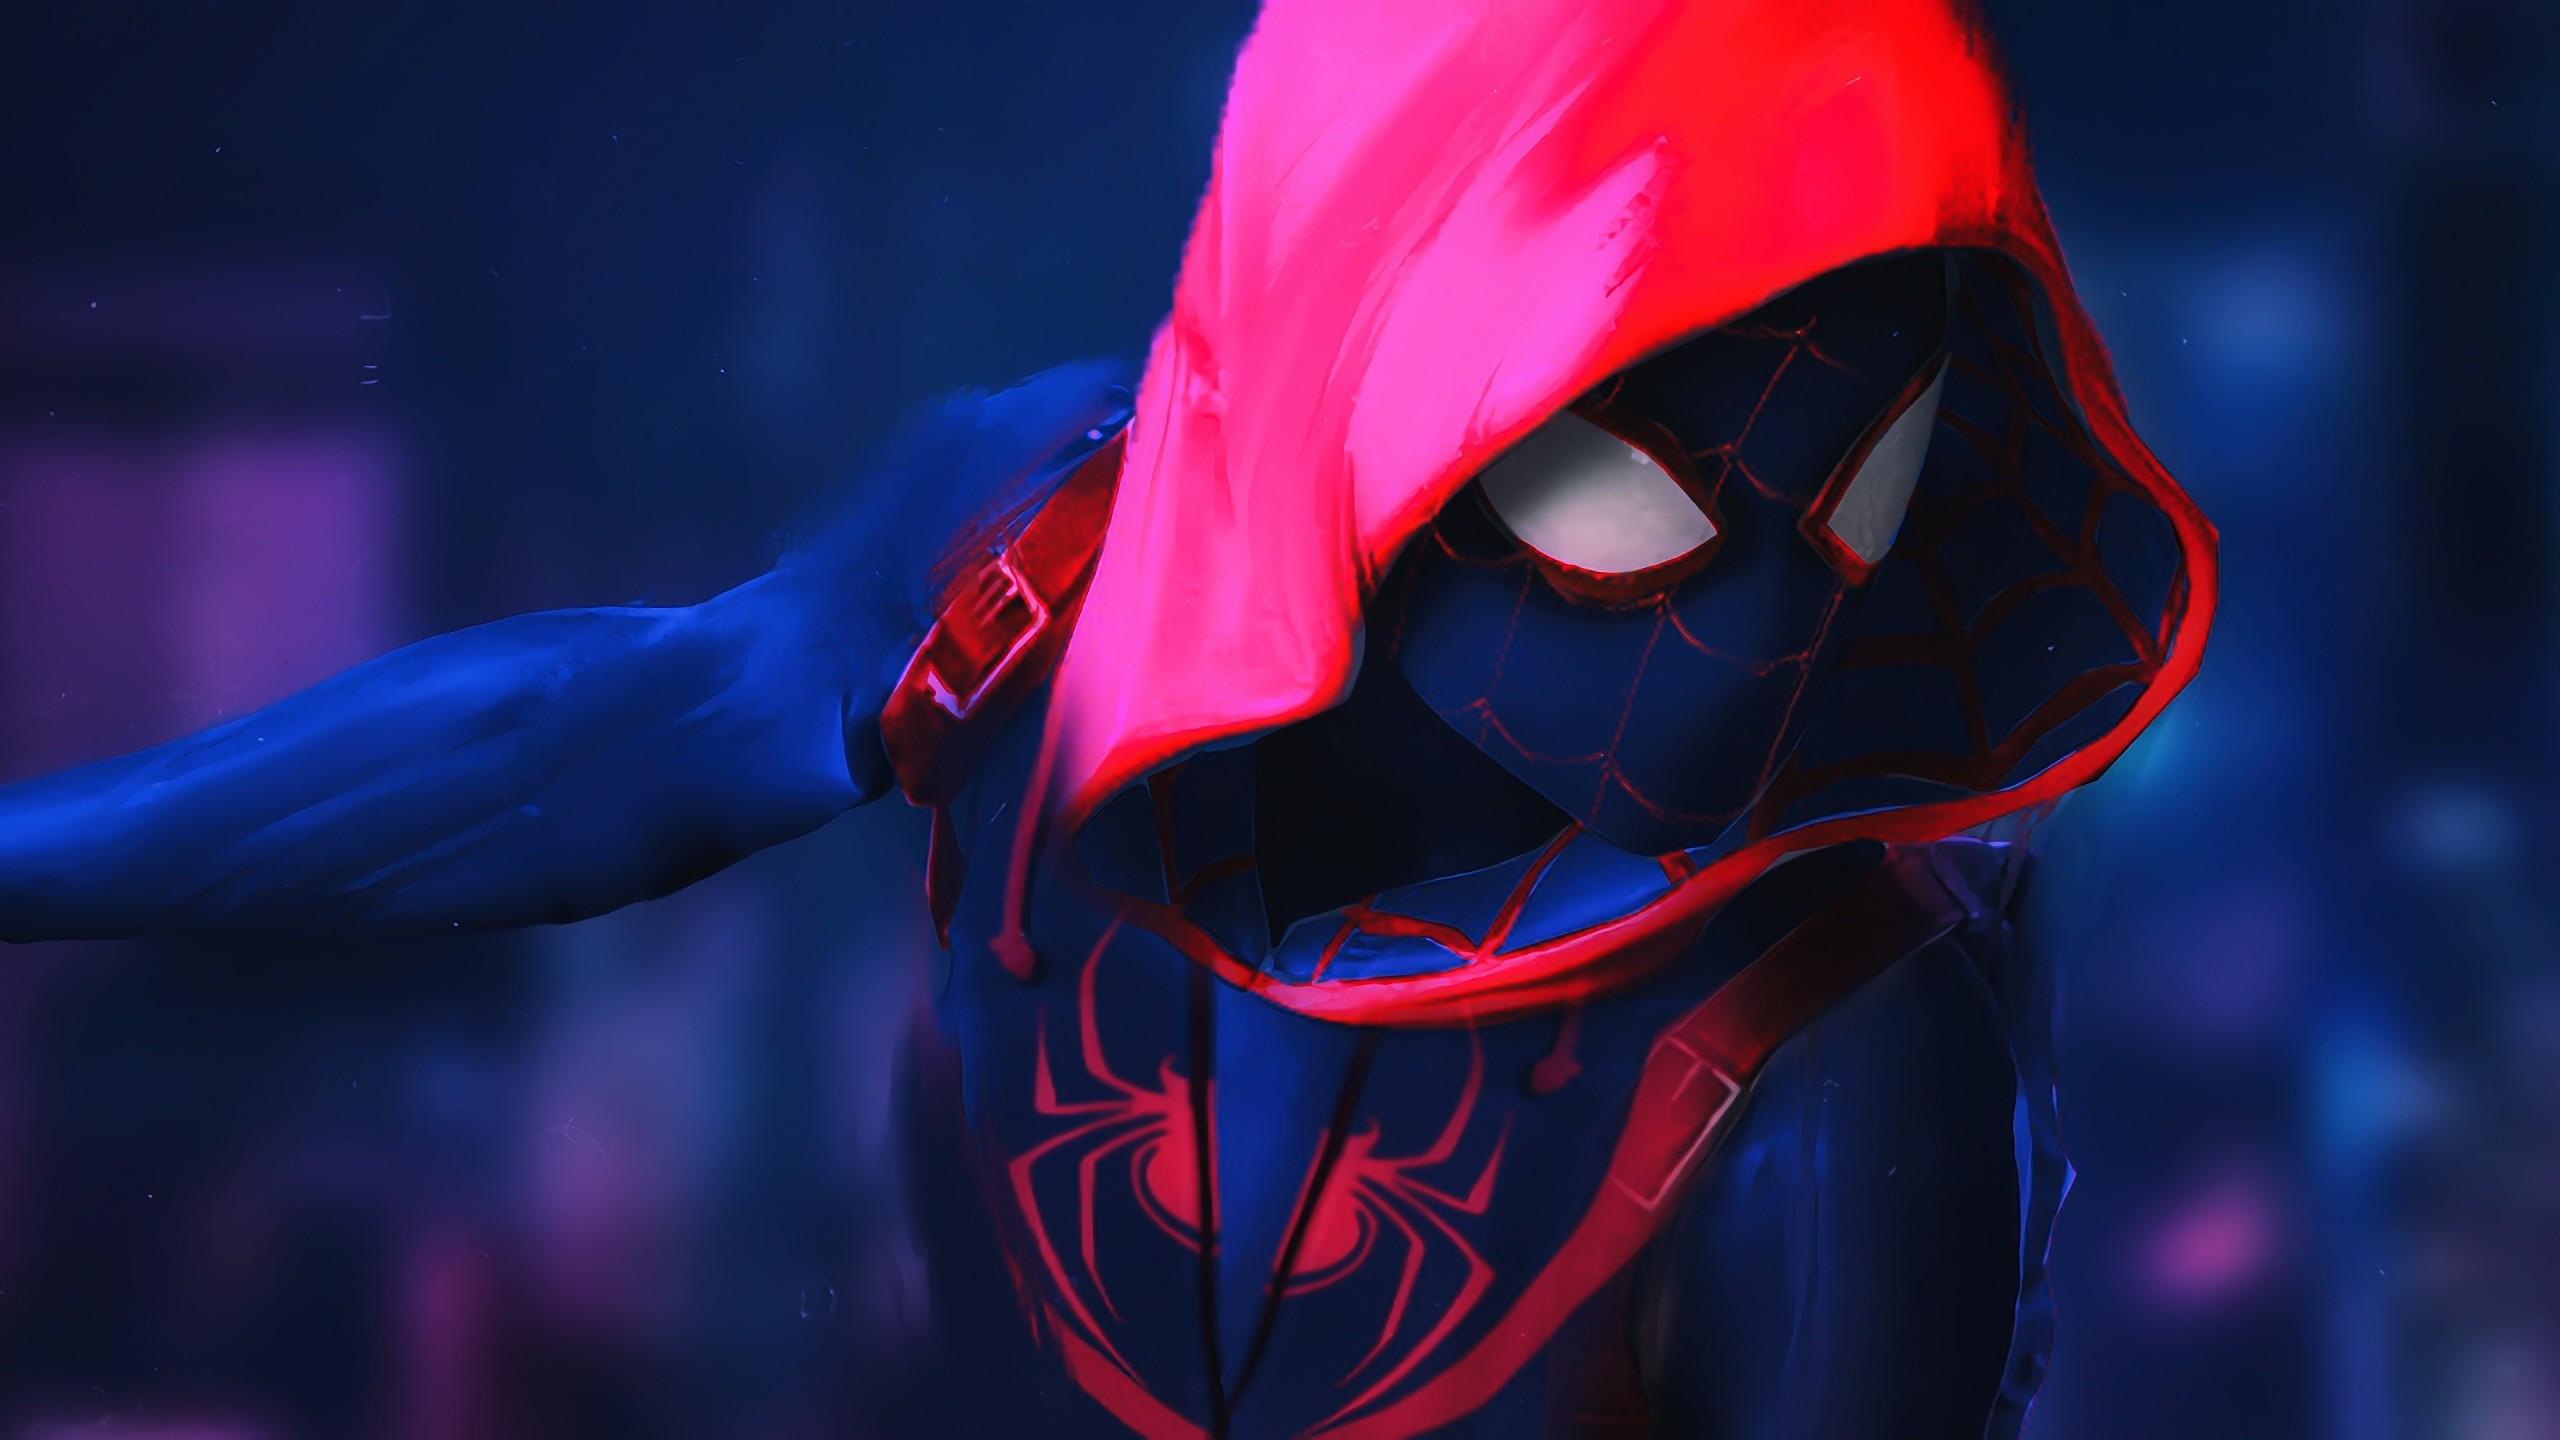 Spider Man Wallpaper For Pc 4k لم يسبق له مثيل الصور Tier3 Xyz